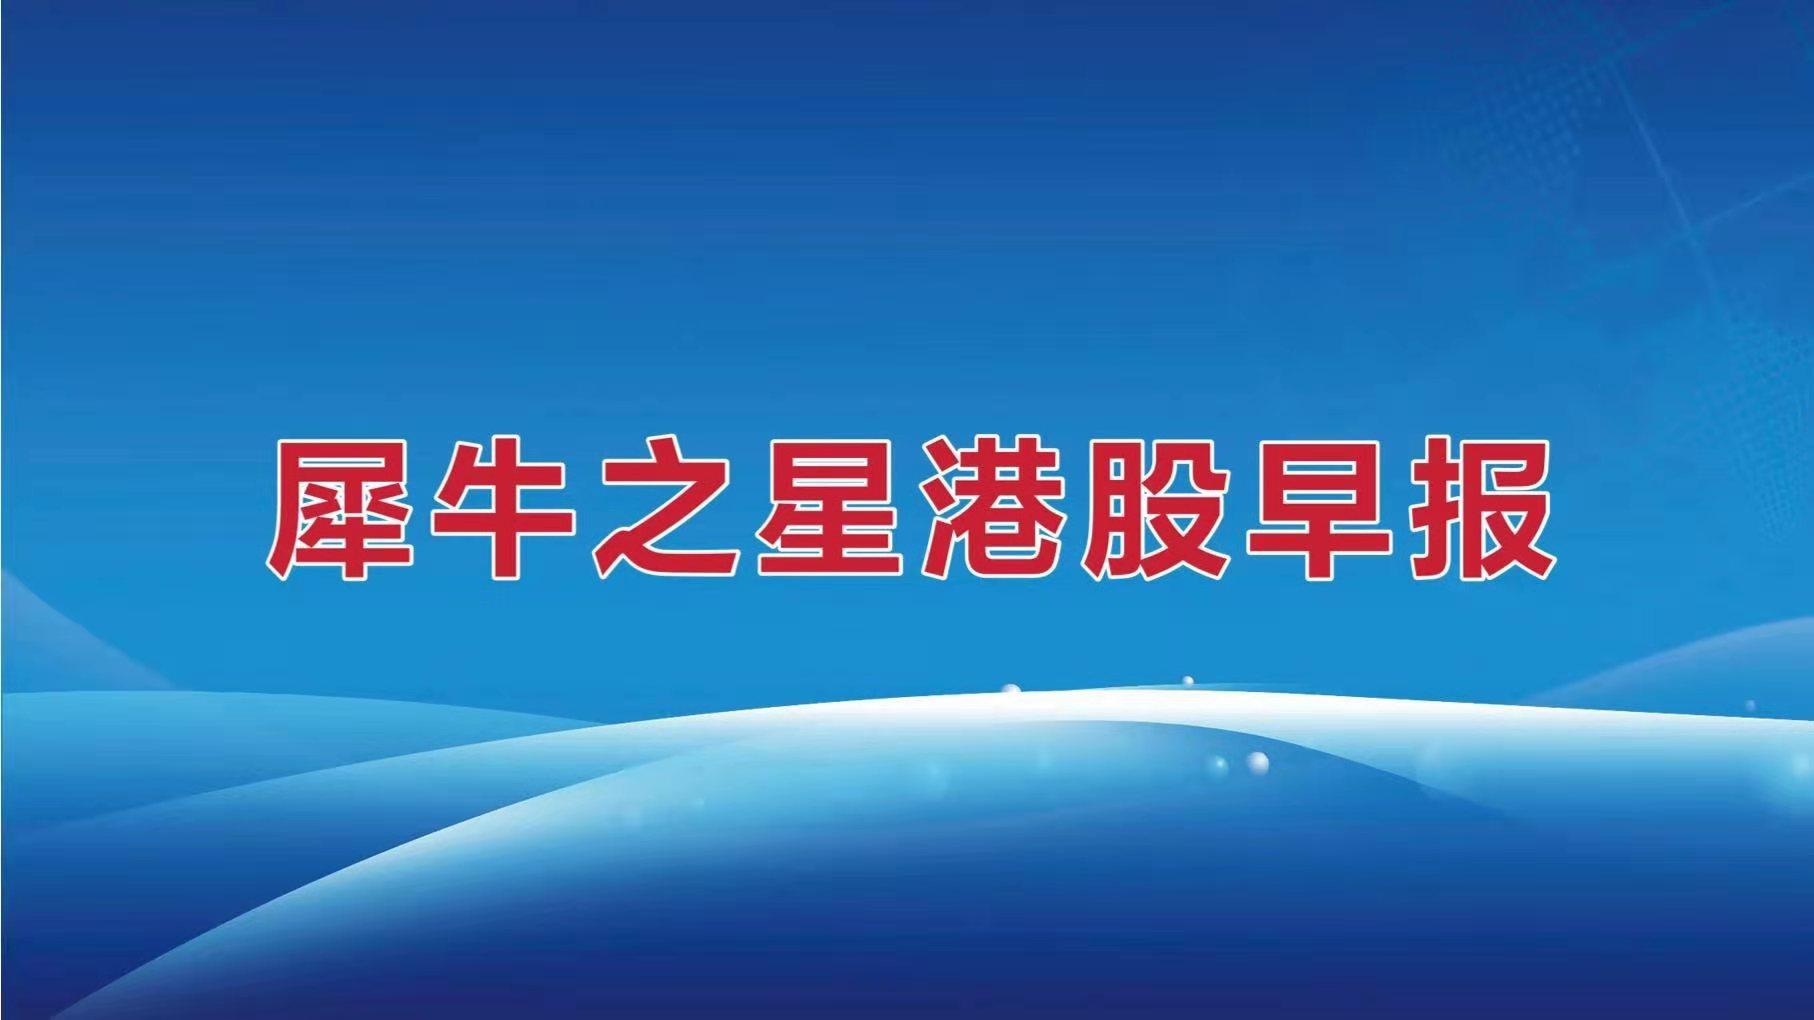 """【犀牛之星港股早报】阿里巴巴因""""二选一""""被罚款182.28亿元,小米斥4.98亿港元回购股份"""